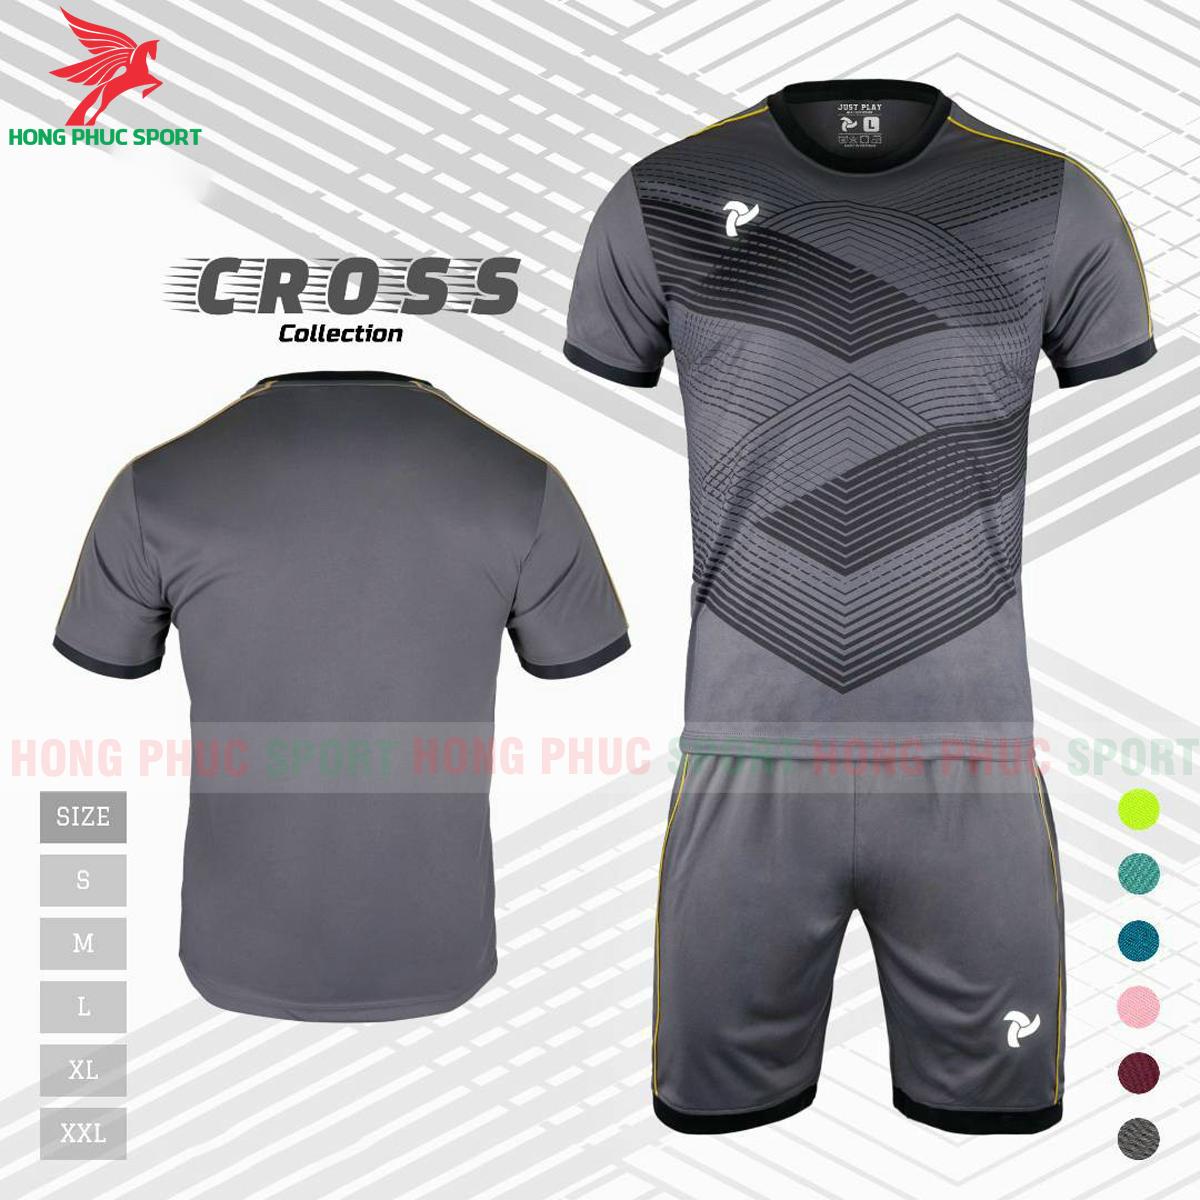 Áo đấu không logo Justplay Cross 2021 màu xám